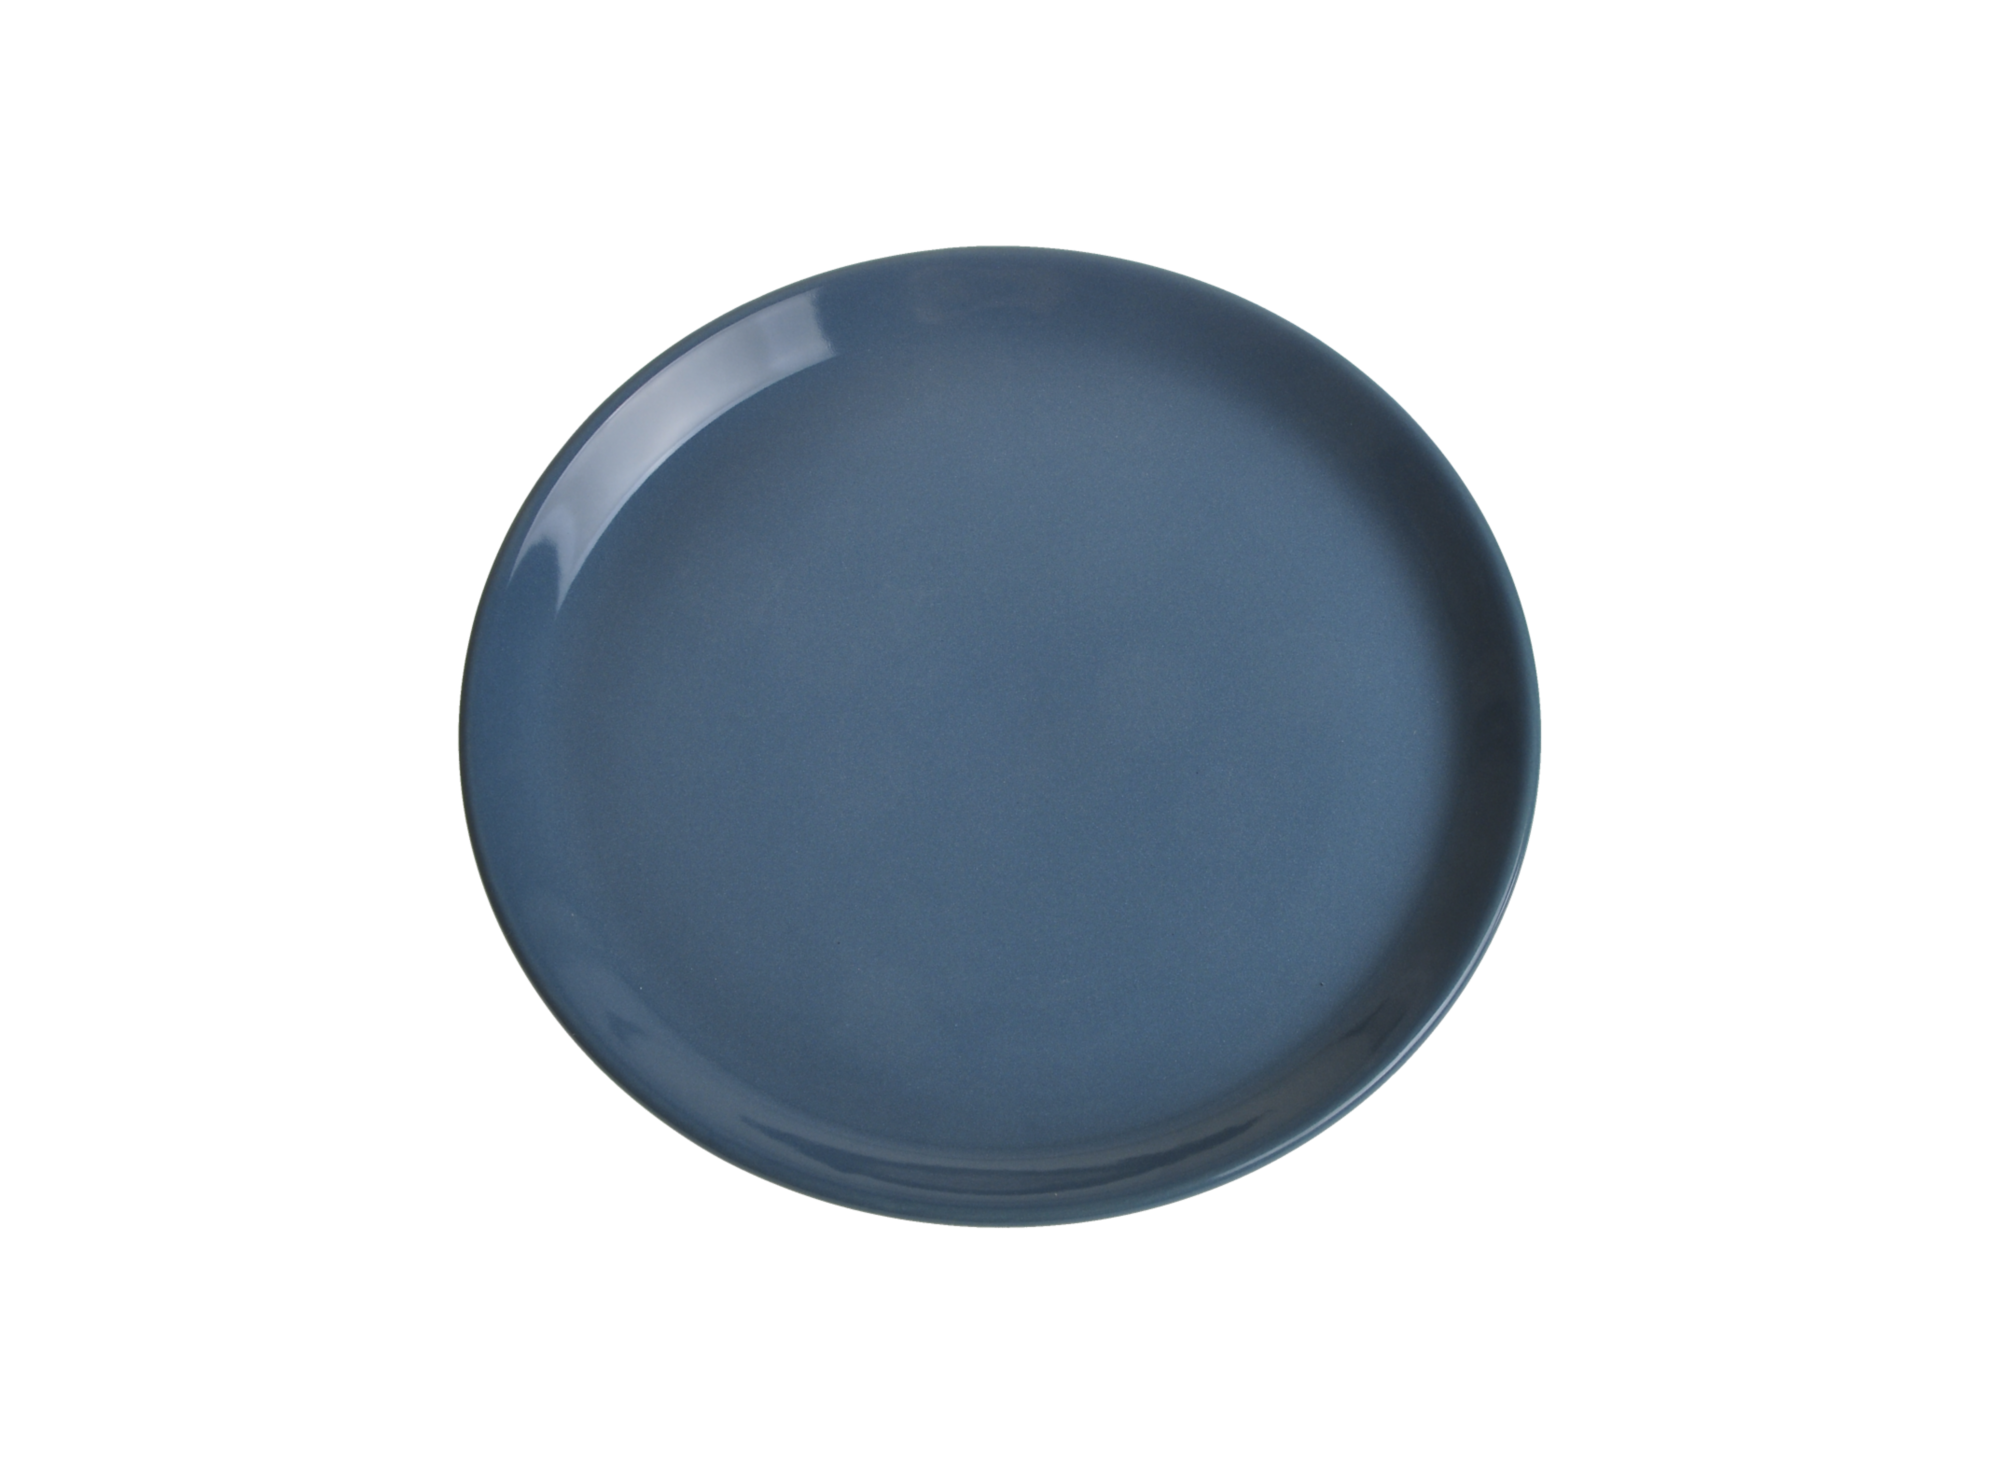 Assiette plate en faience emaillee coloris bleu resiste au lave-vaiss ...